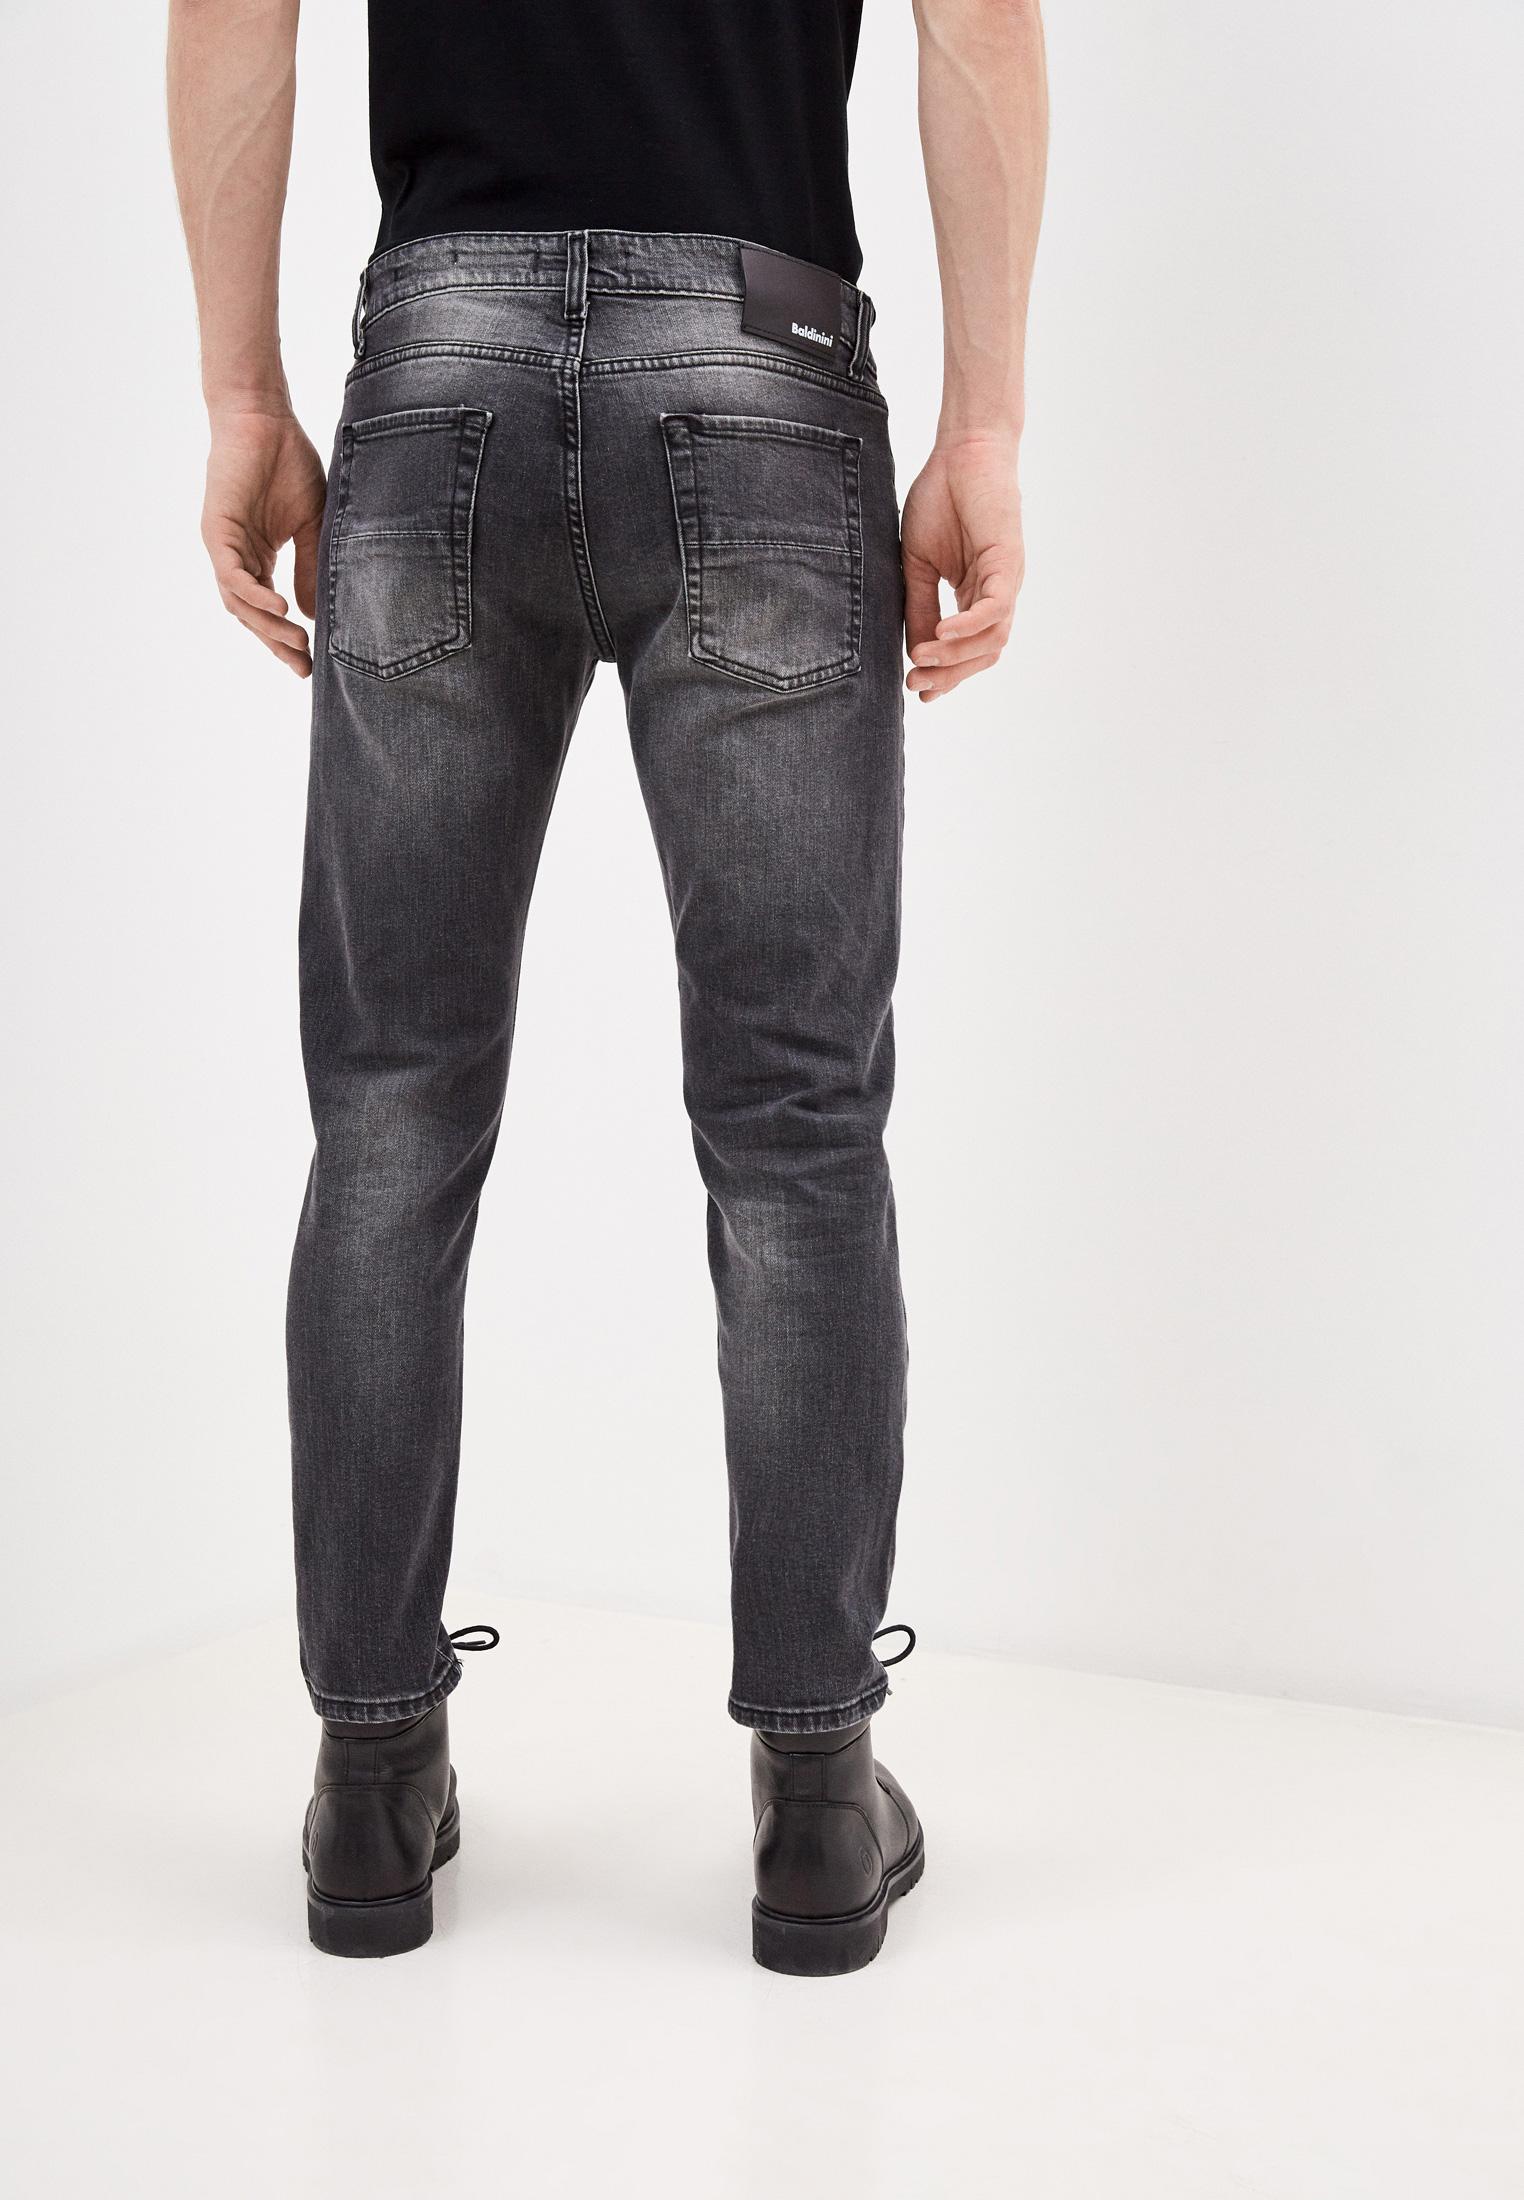 Мужские зауженные джинсы Baldinini (Балдинини) JJMJ01D0065G1: изображение 4